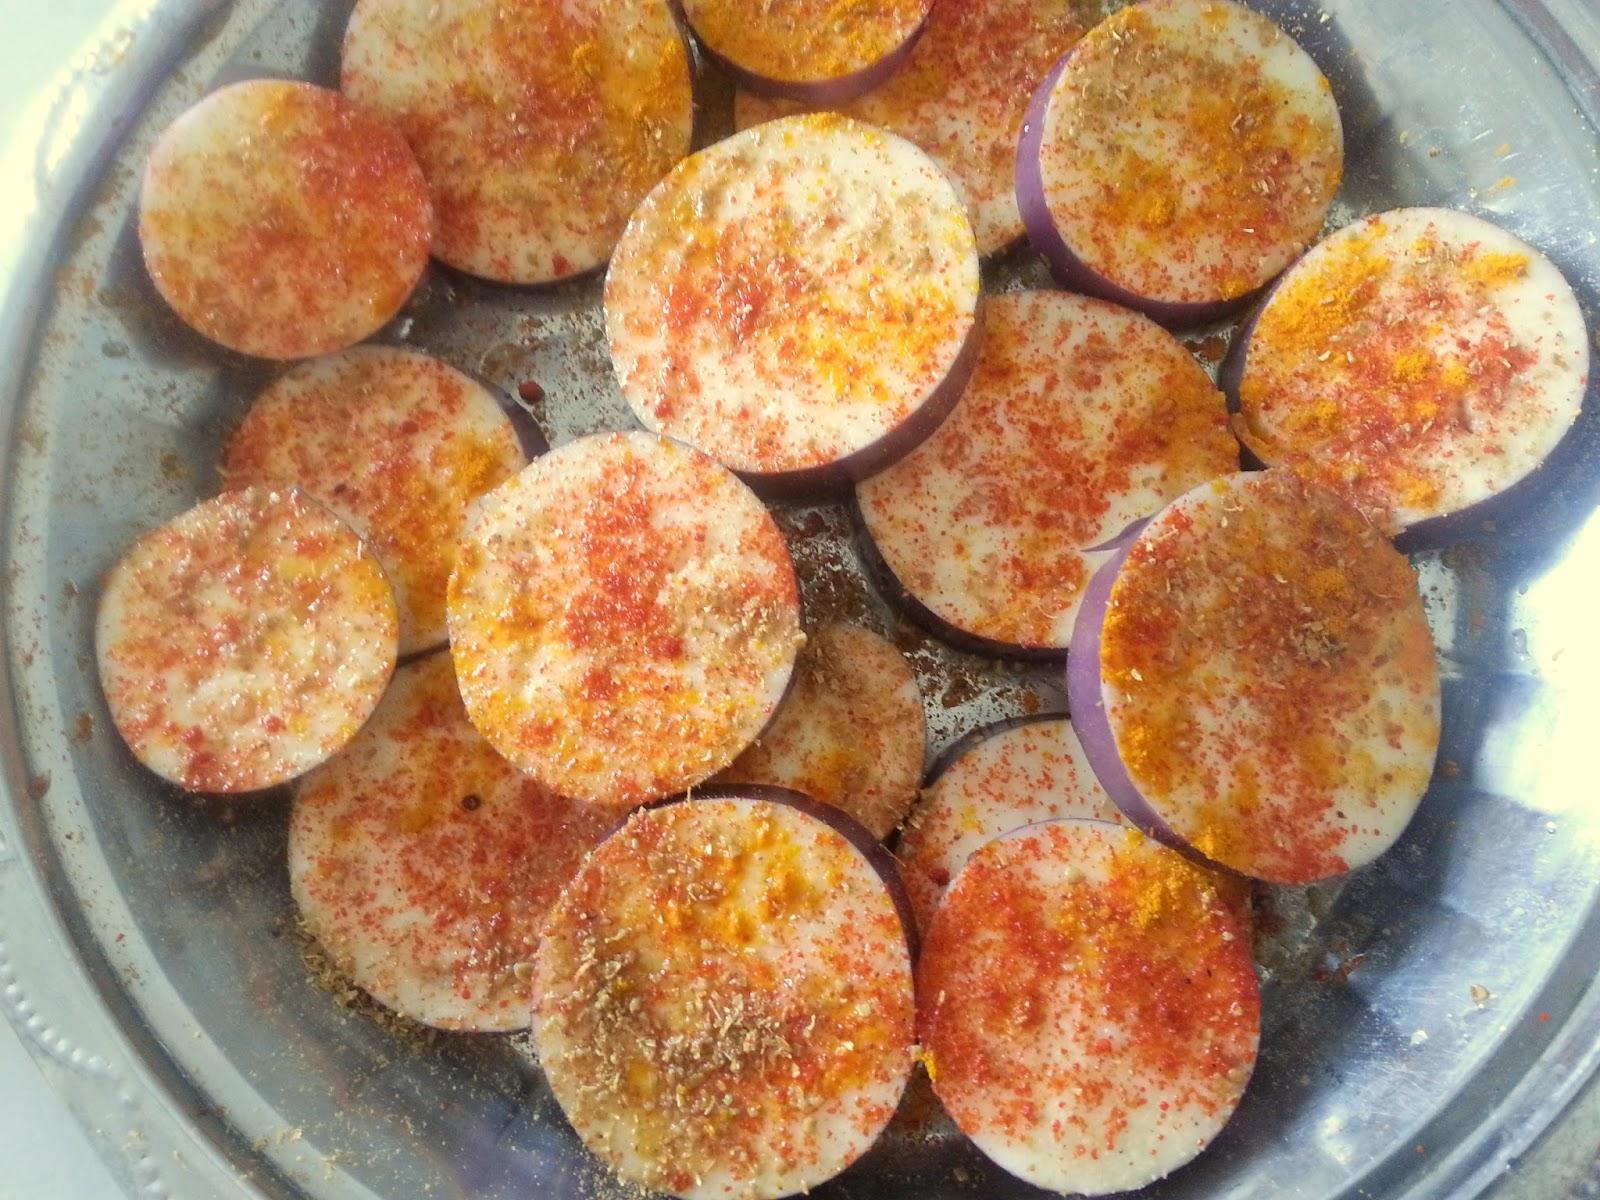 Annapurna baingan bhaja shallow fried eggplant for Annapurna cuisine